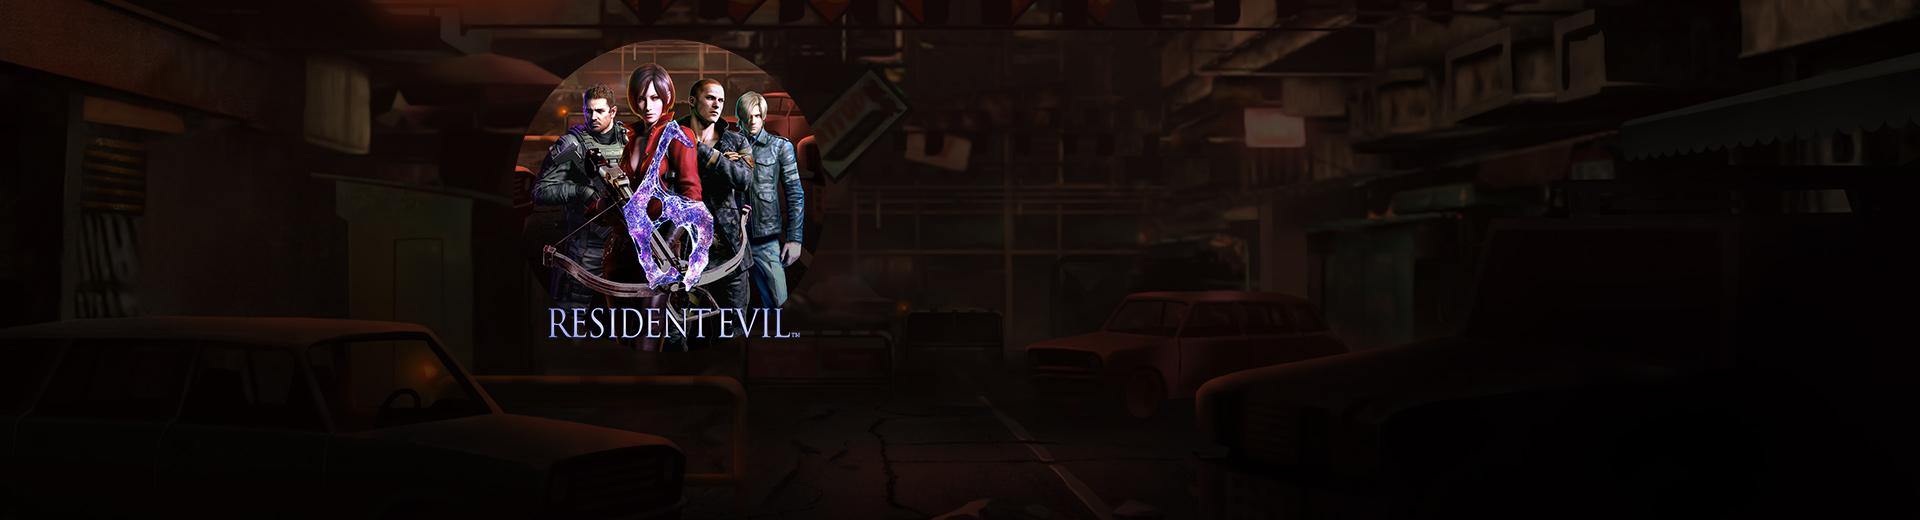 C10-1920x520_Resident Evil